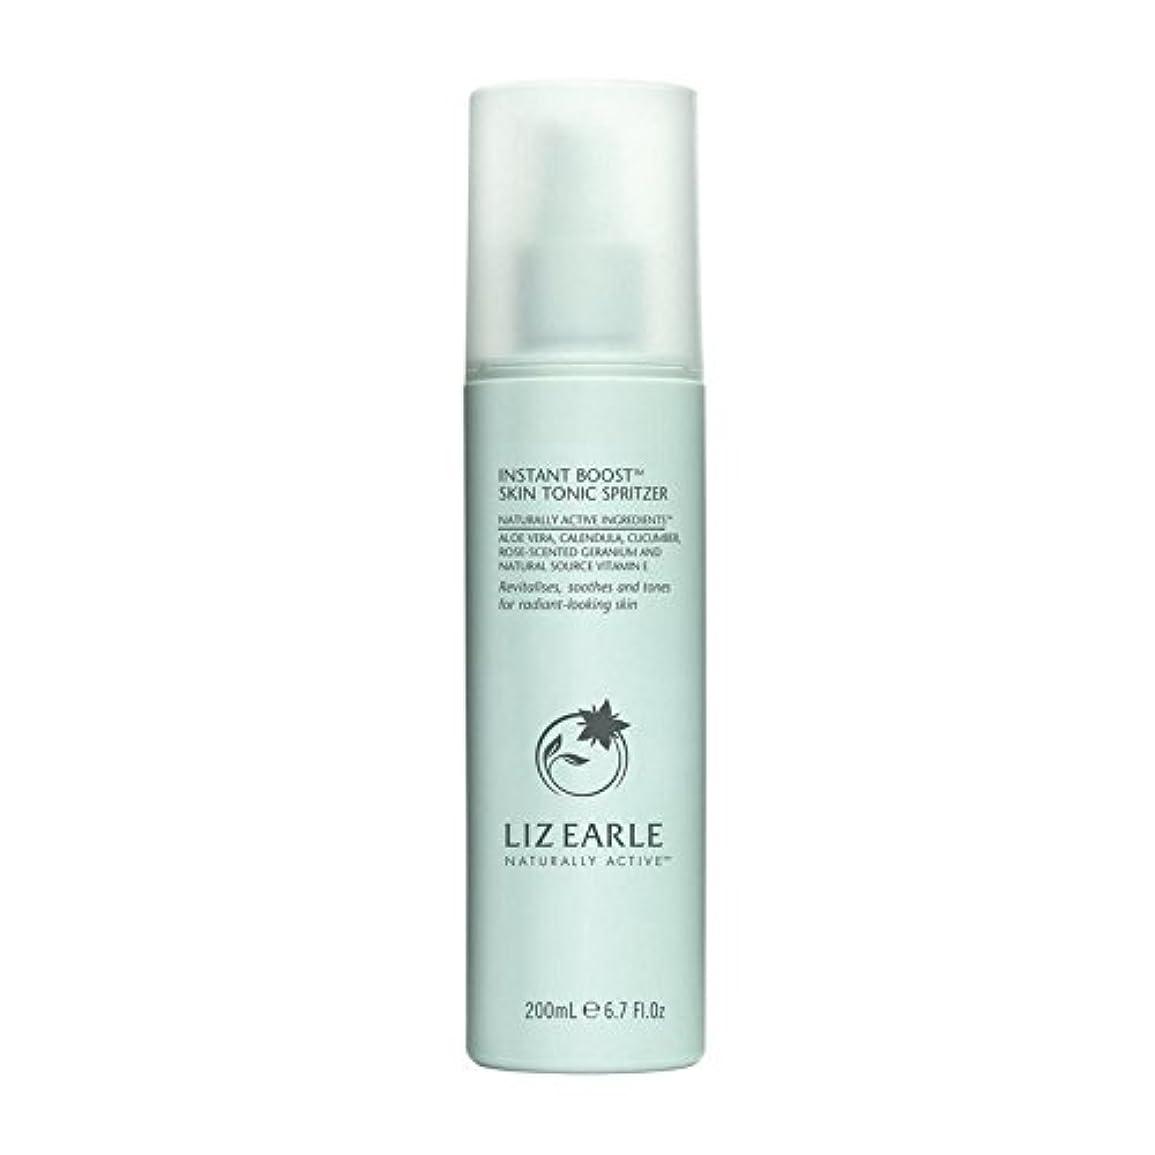 会うソーダ水モールス信号Liz Earle Instant Boost Skin Tonic Spritzer 200ml (Pack of 6) - リズアールインスタントブーストスキントニックスプリッツァーの200ミリリットル x6 [並行輸入品]